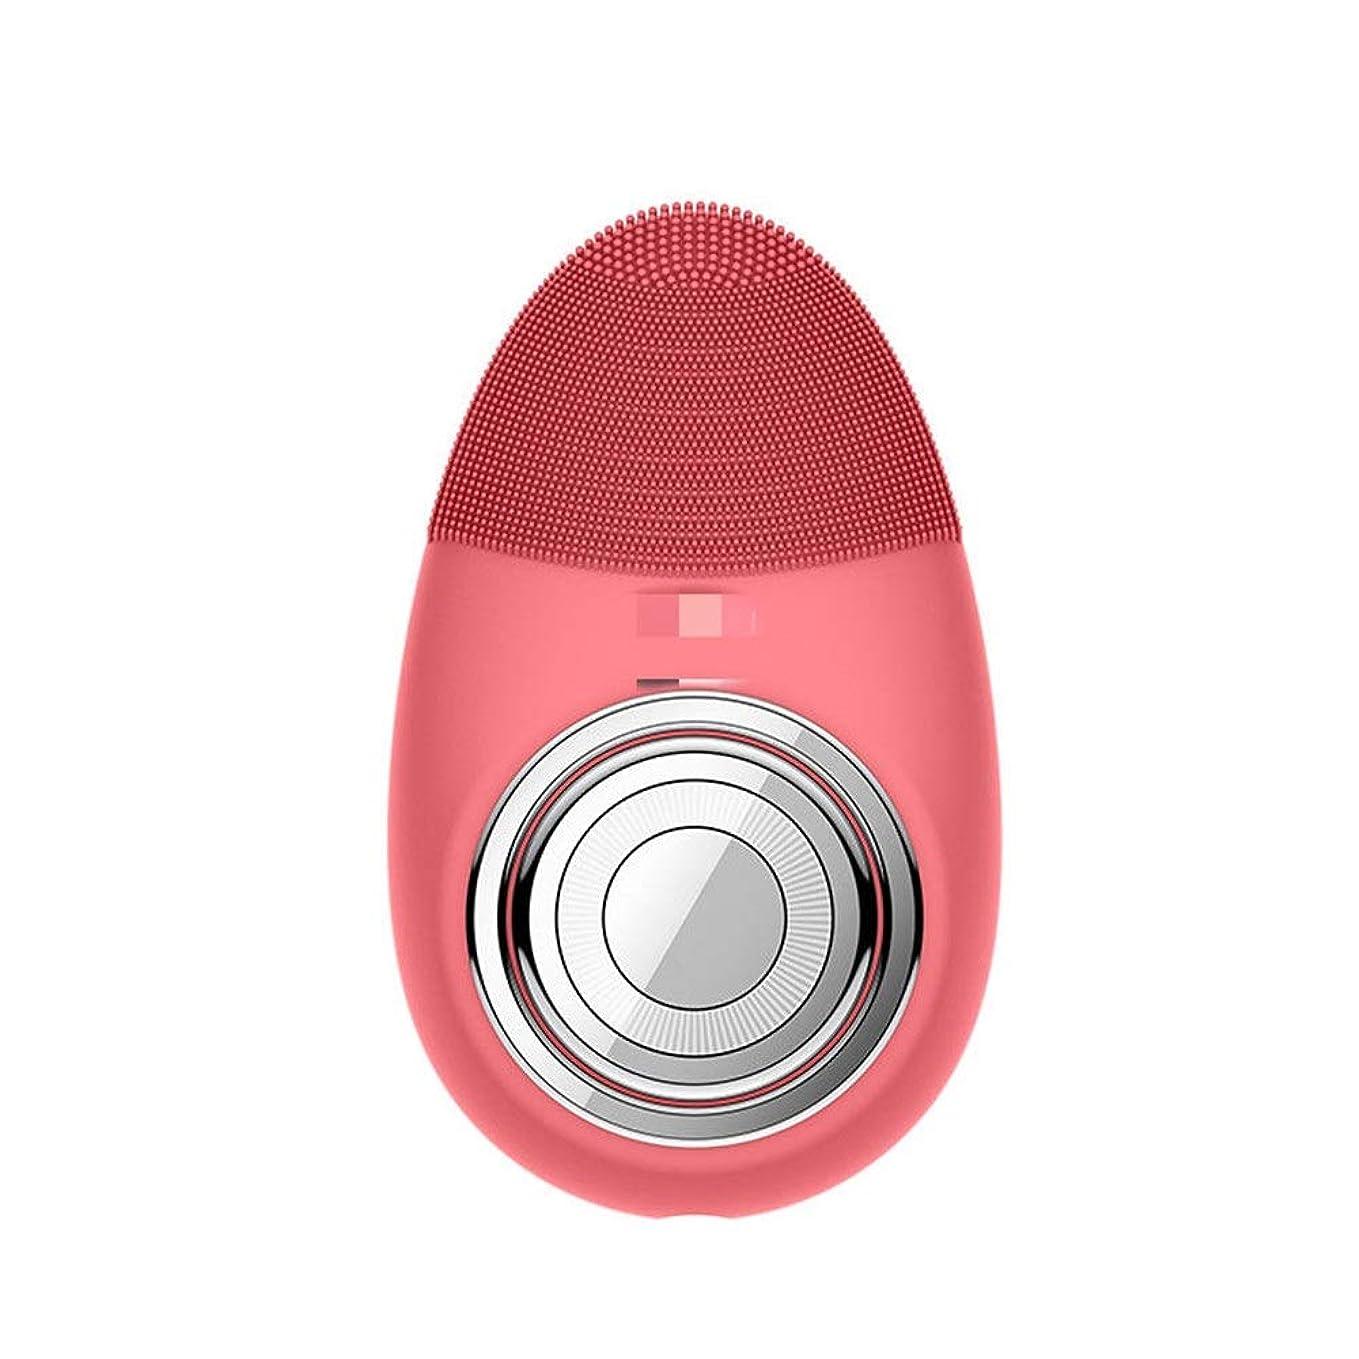 咲く結び目文言Donghechengkang 多機能電気恒温シリコーンクレンジング楽器赤灯肌清潔毛穴クリーナー輸入機器美容機器 (Color : Red)